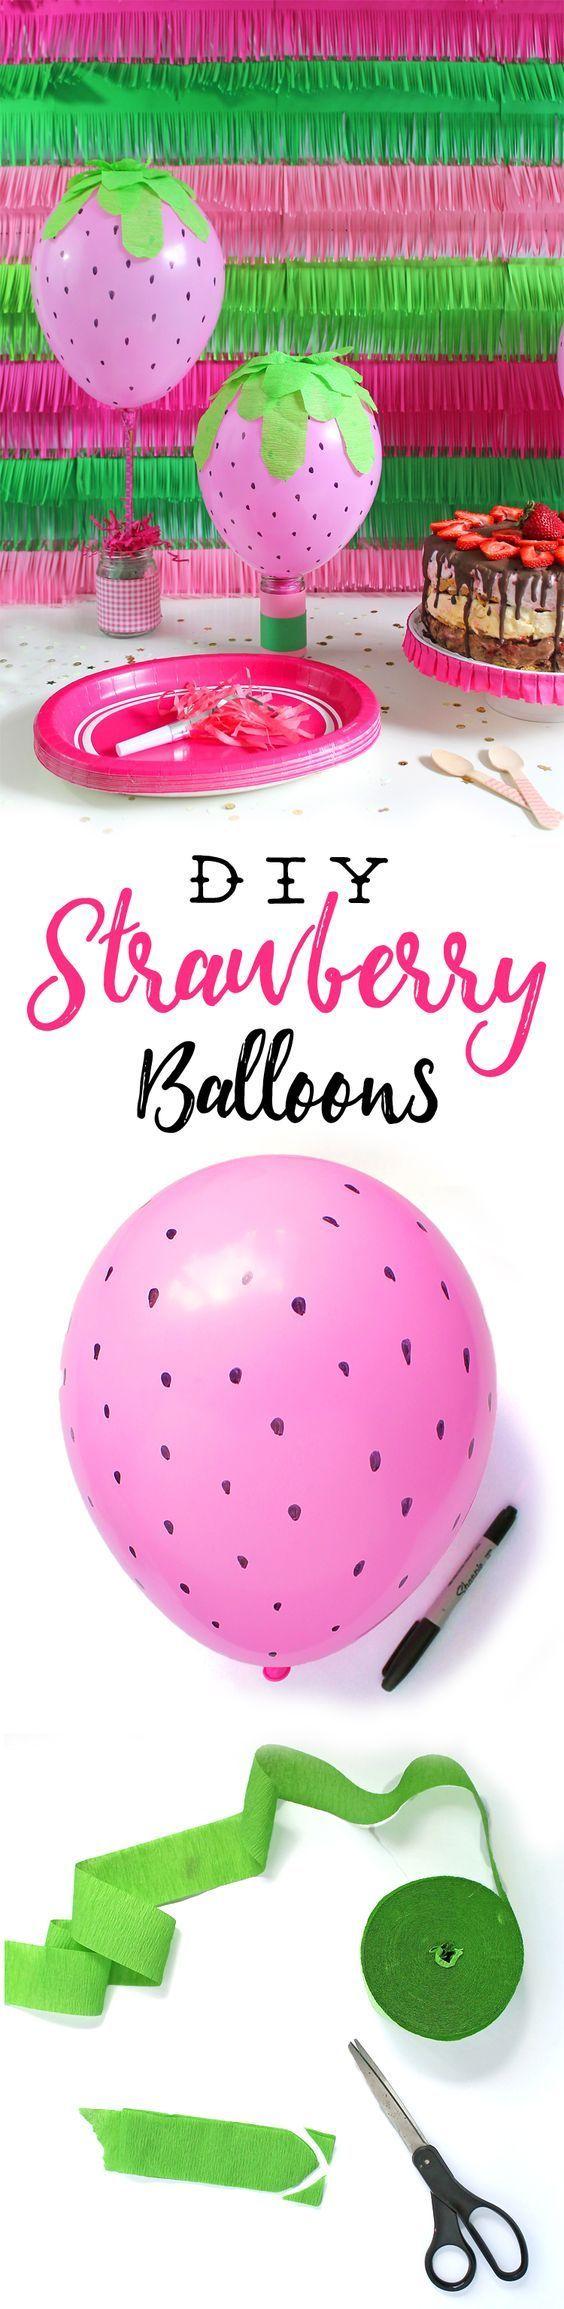 Qué idea tan divertida!!! para decorar una fiesta infantil de Tarta de Fresa!!! En www.wonderfiesta.com encontrarás los globos y las botellas de helio.